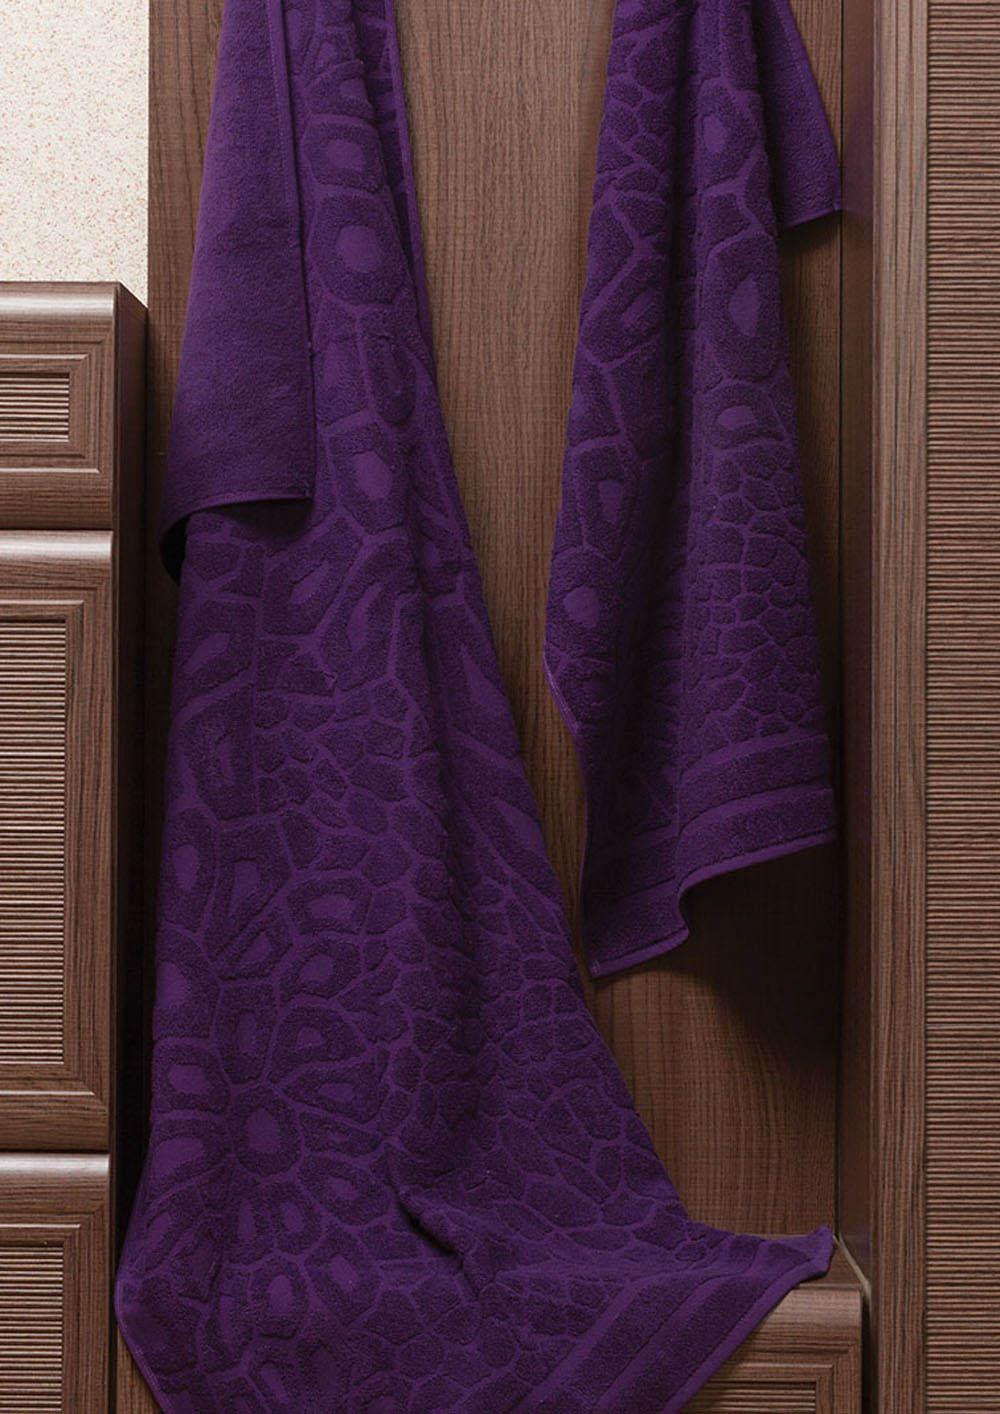 Купить Полотенца Primavelle, Полотенце Полотенце Цвет: Xетло-Фиолетовый (50х90 см), Россия, Махра